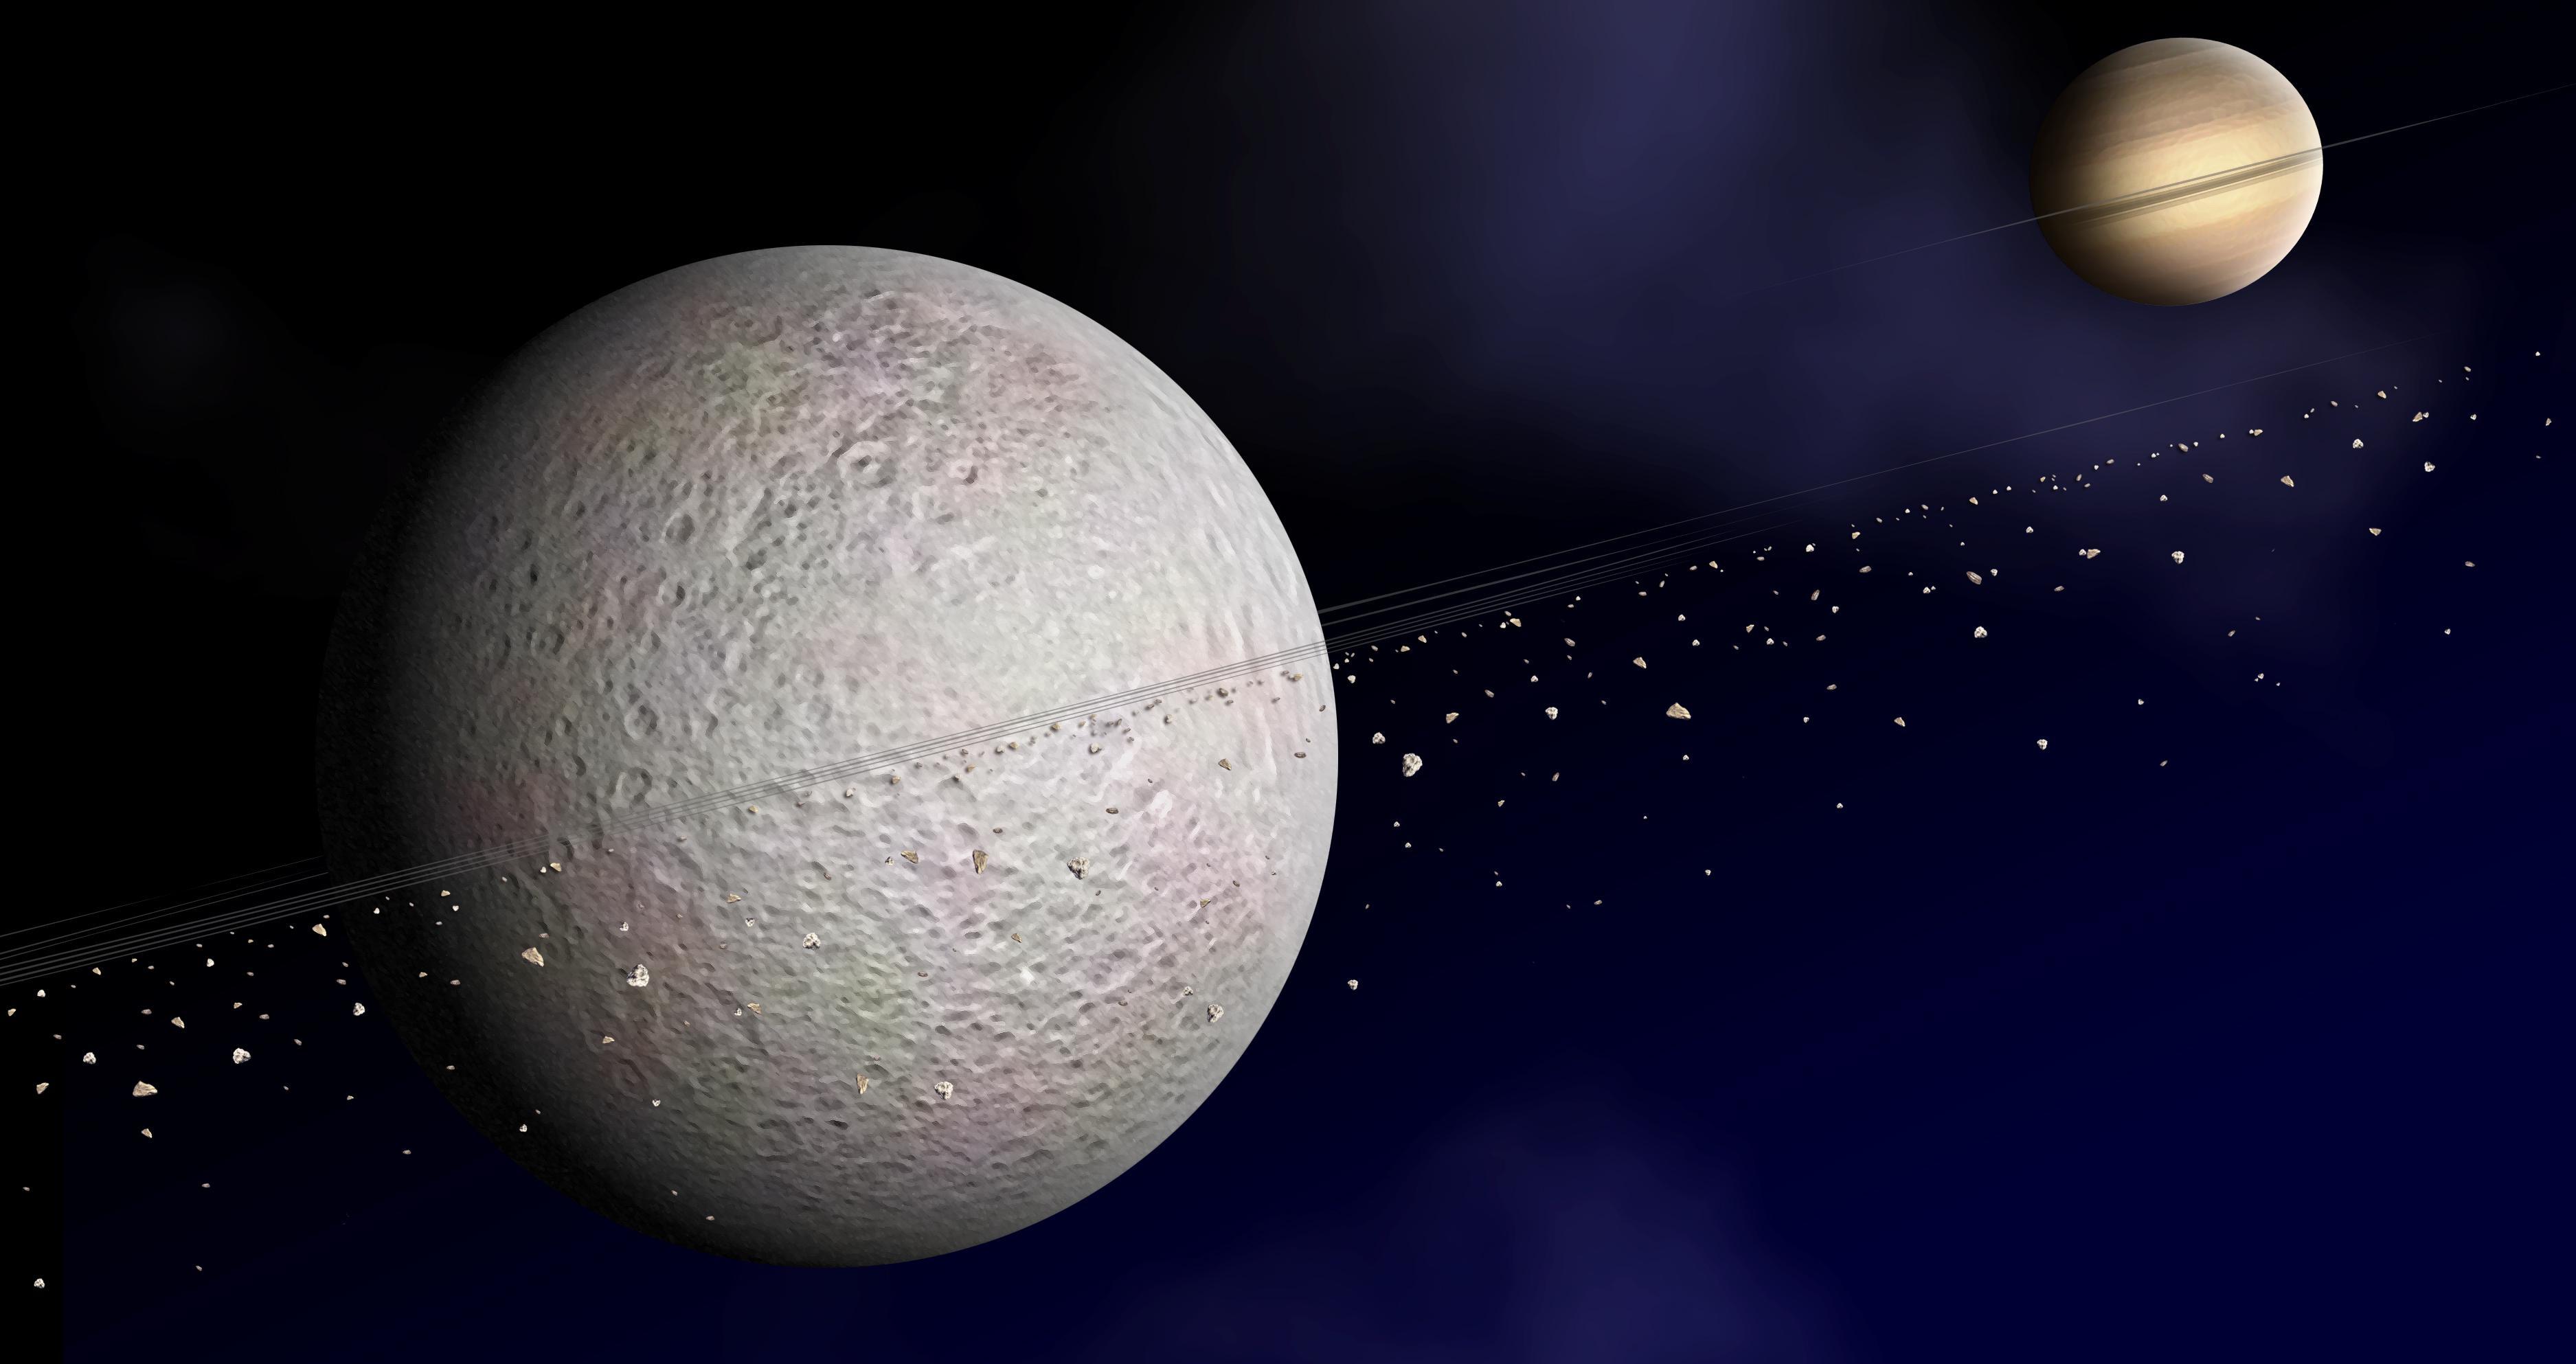 Есть ли у спутников планет спутники?